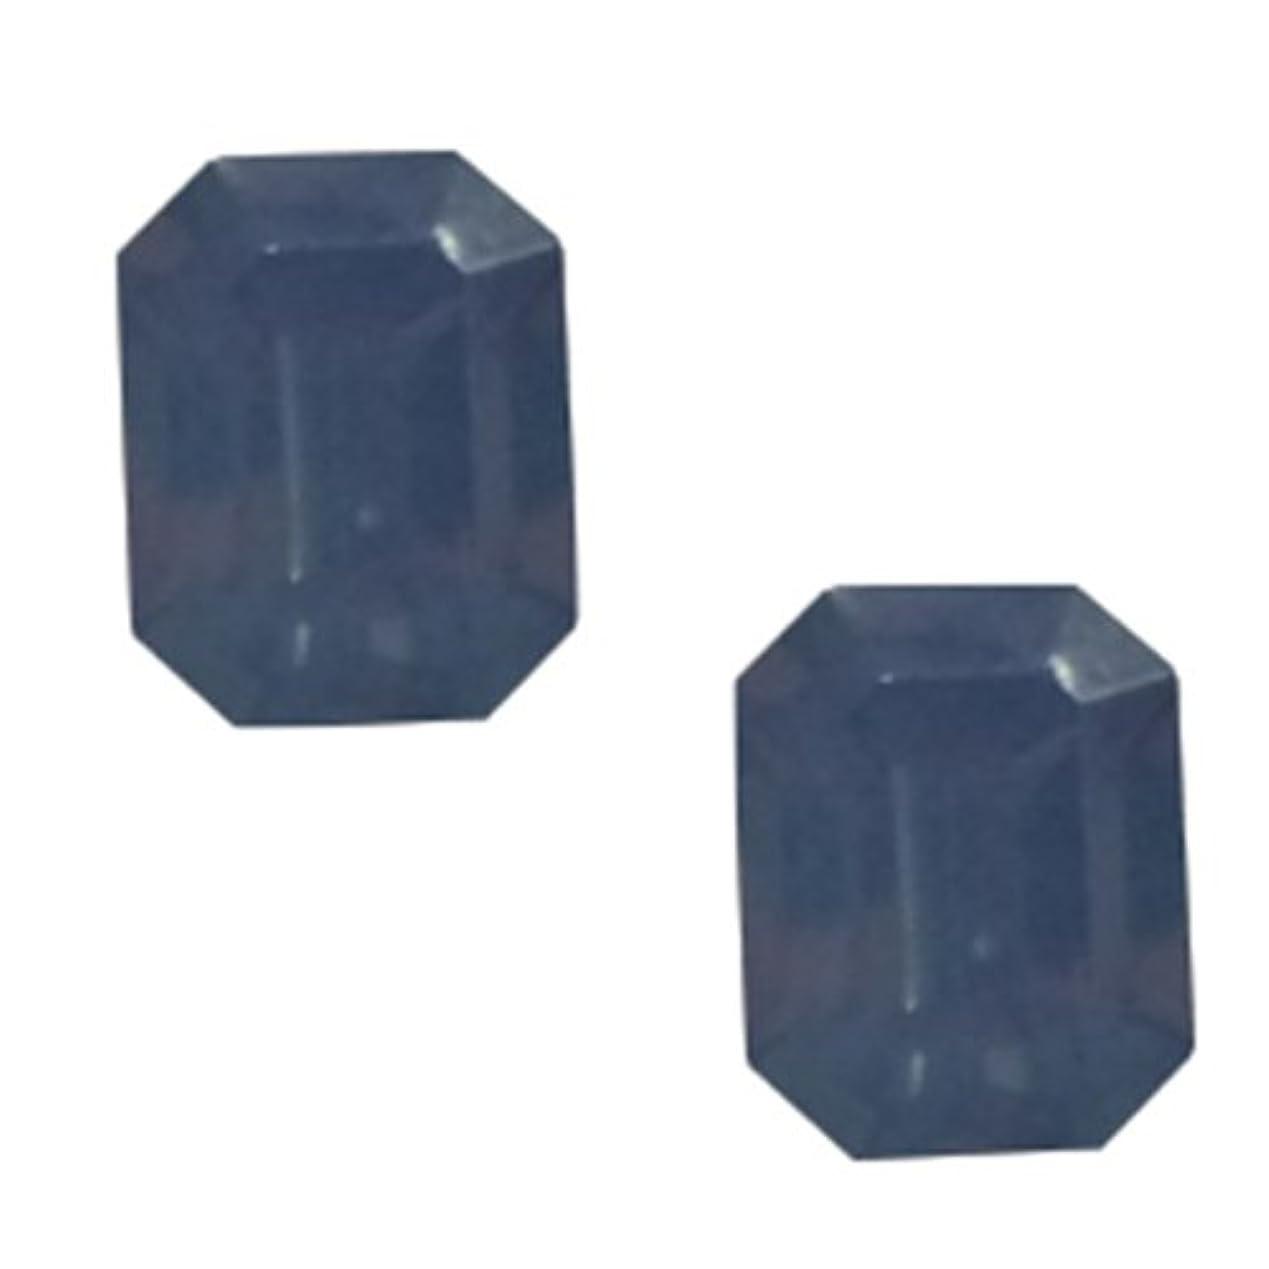 裁定カウンターパート木POSH ART ネイルパーツ長方形型 4*6mm 10P ブルーオパール